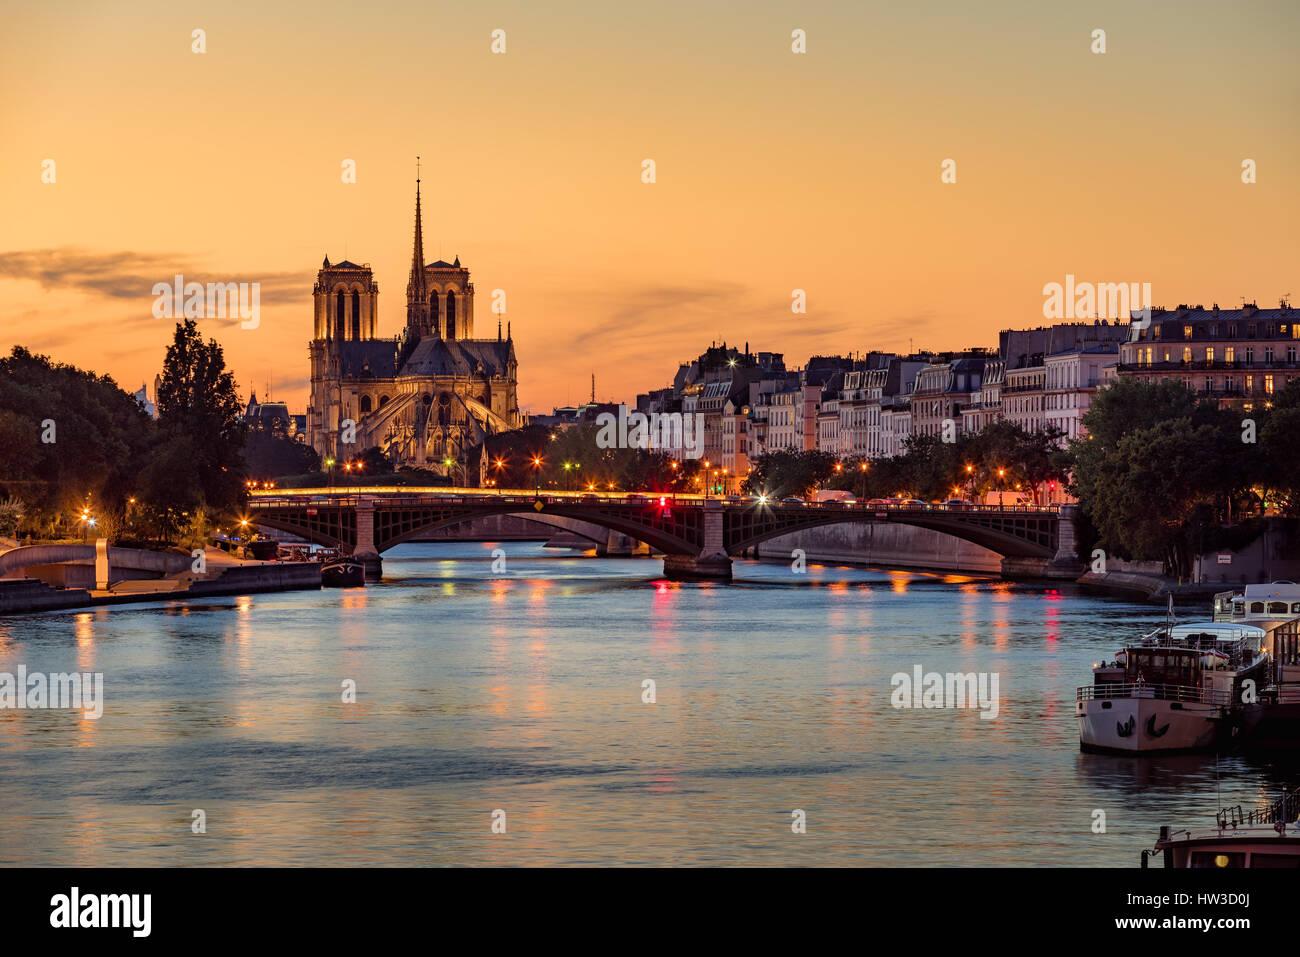 Catedral de Notre Dame, Ile Saint Louis y el Río Sena al atardecer. Noche de verano con el puente de Sully Imagen De Stock